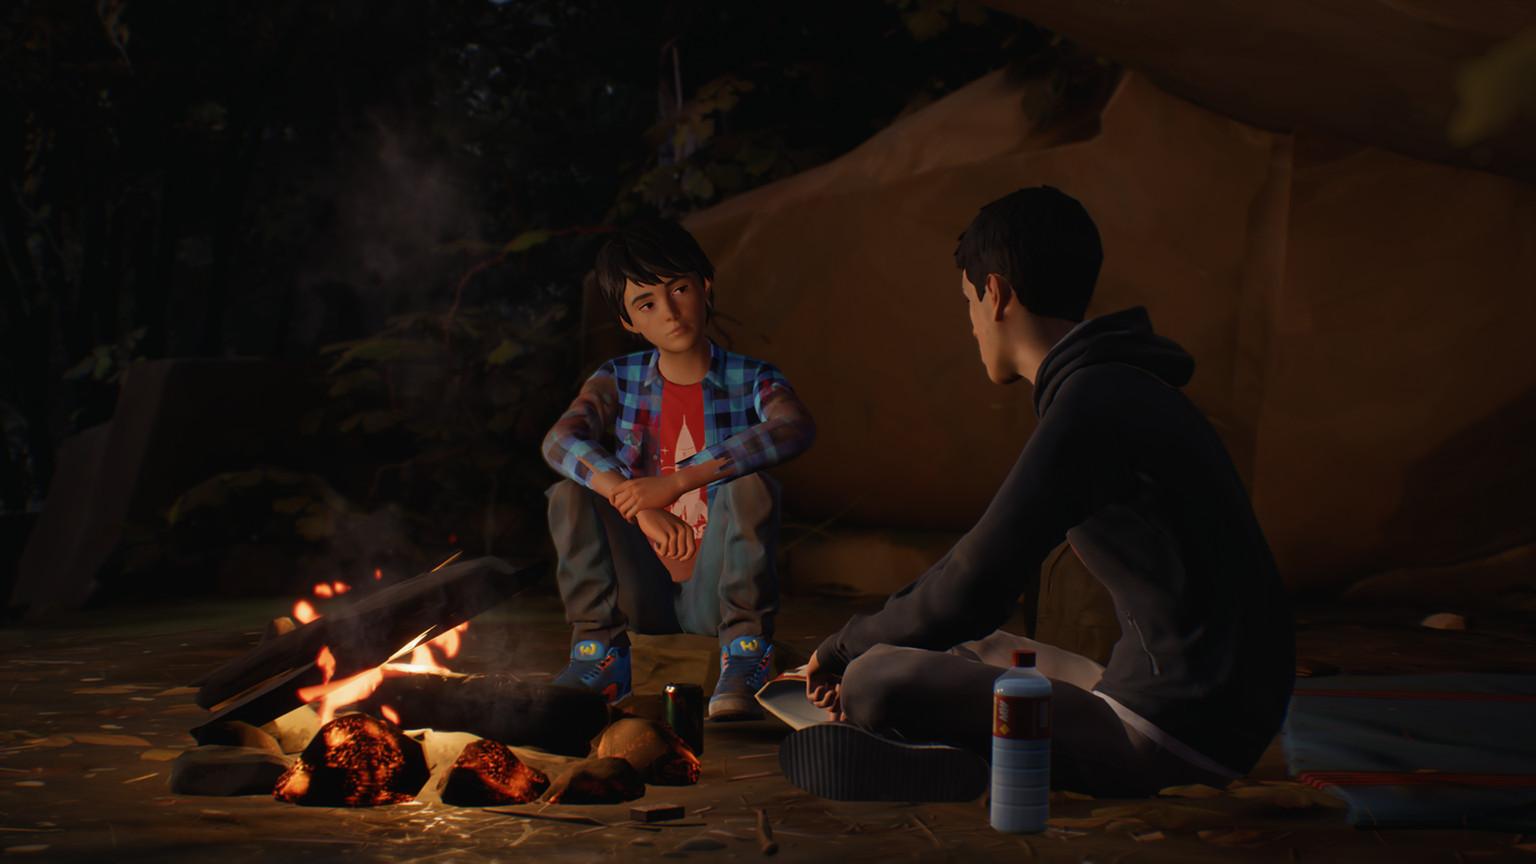 奇异人生开发商收入激增 加大投入研发两款全新游戏